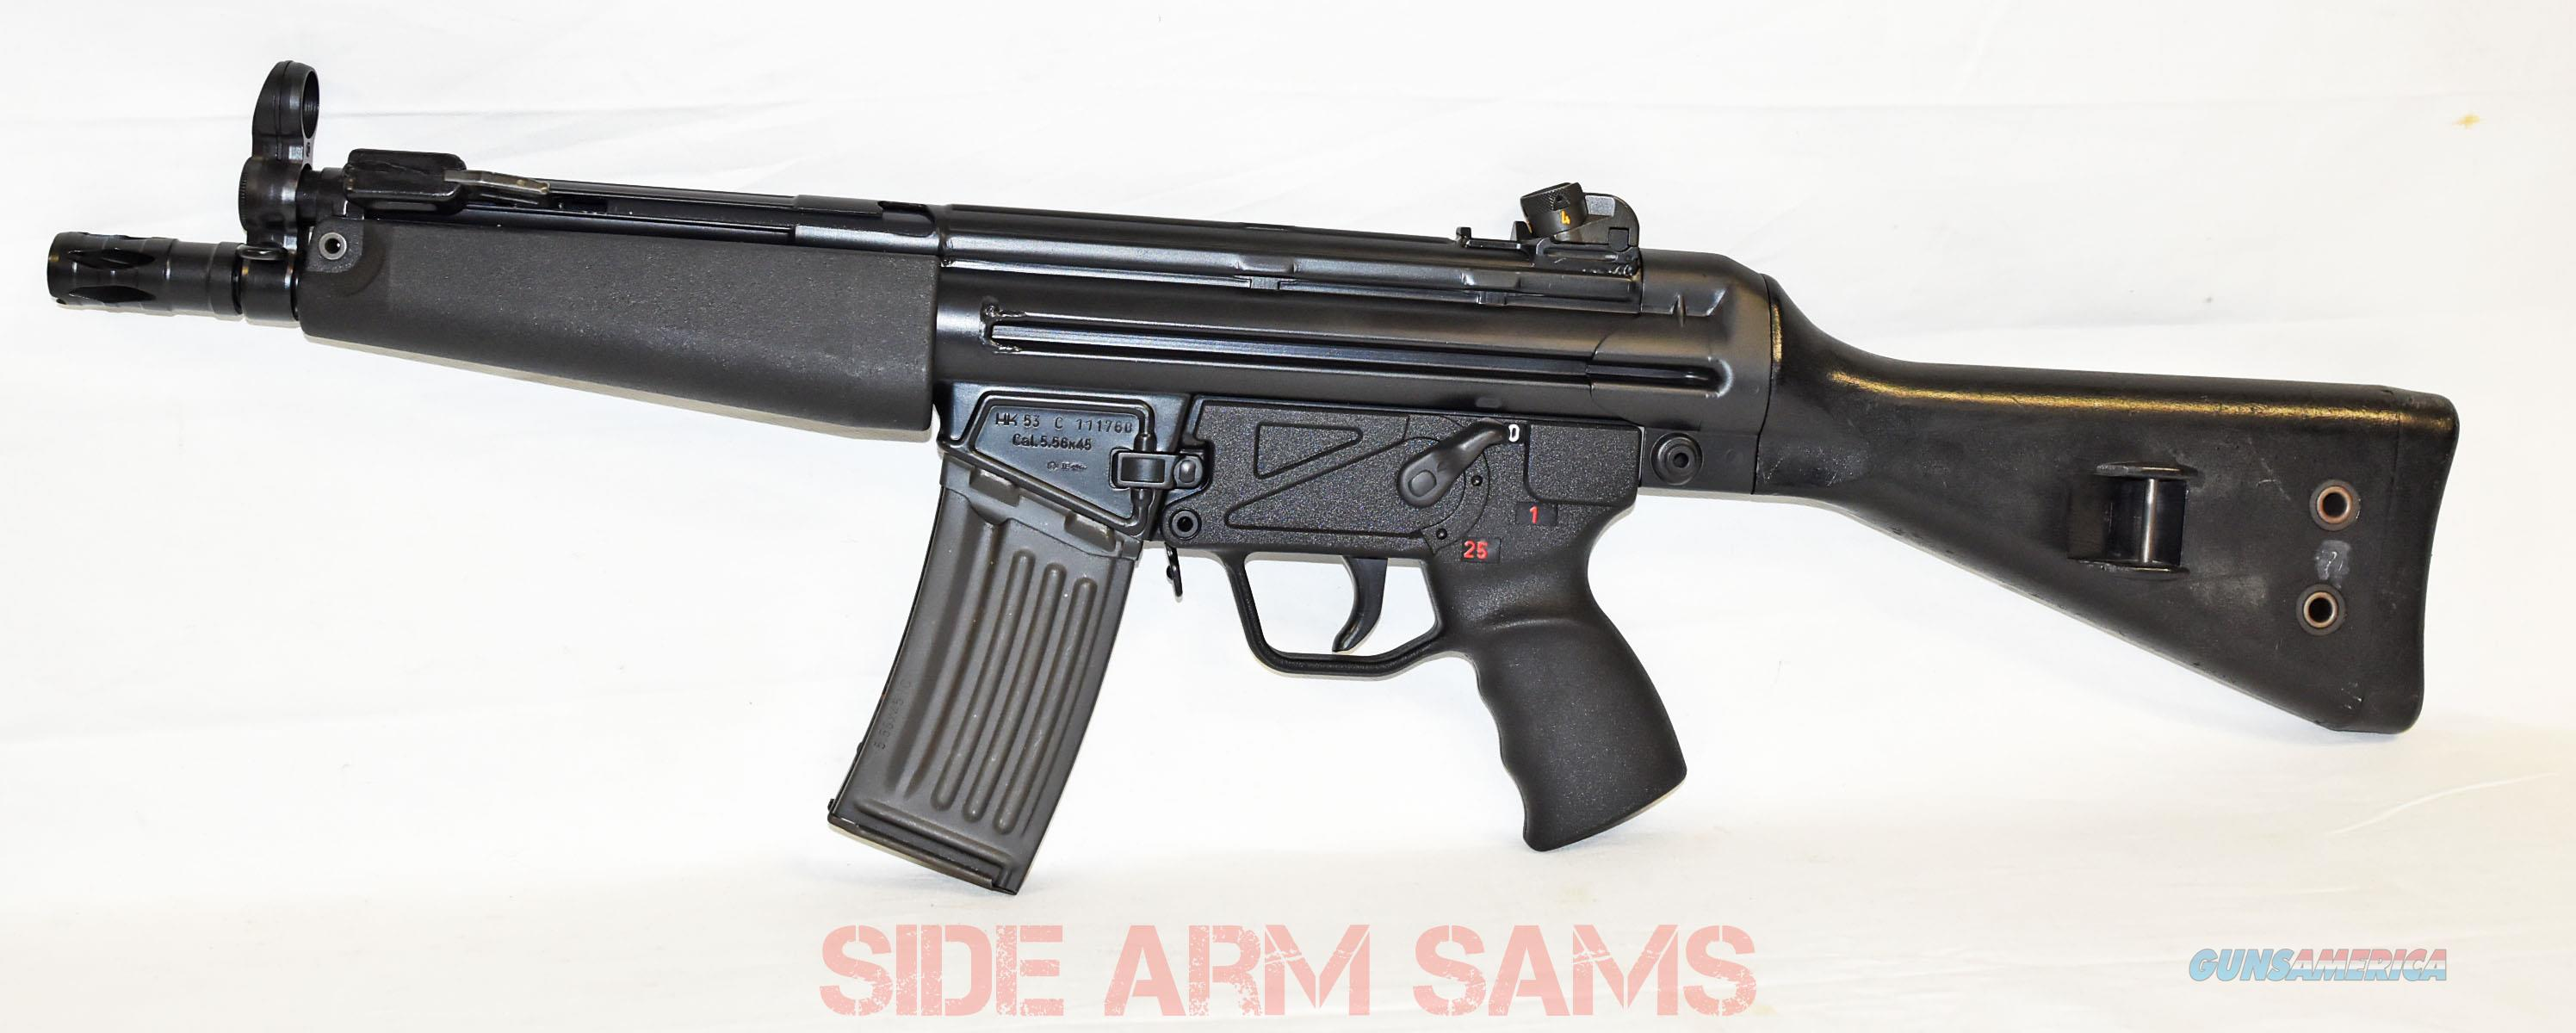 HK53A2 MACHINE GUN DEALER PRE-SAMPLE 5.56  Guns > Rifles > Class 3 Rifles > Class 3 Subguns